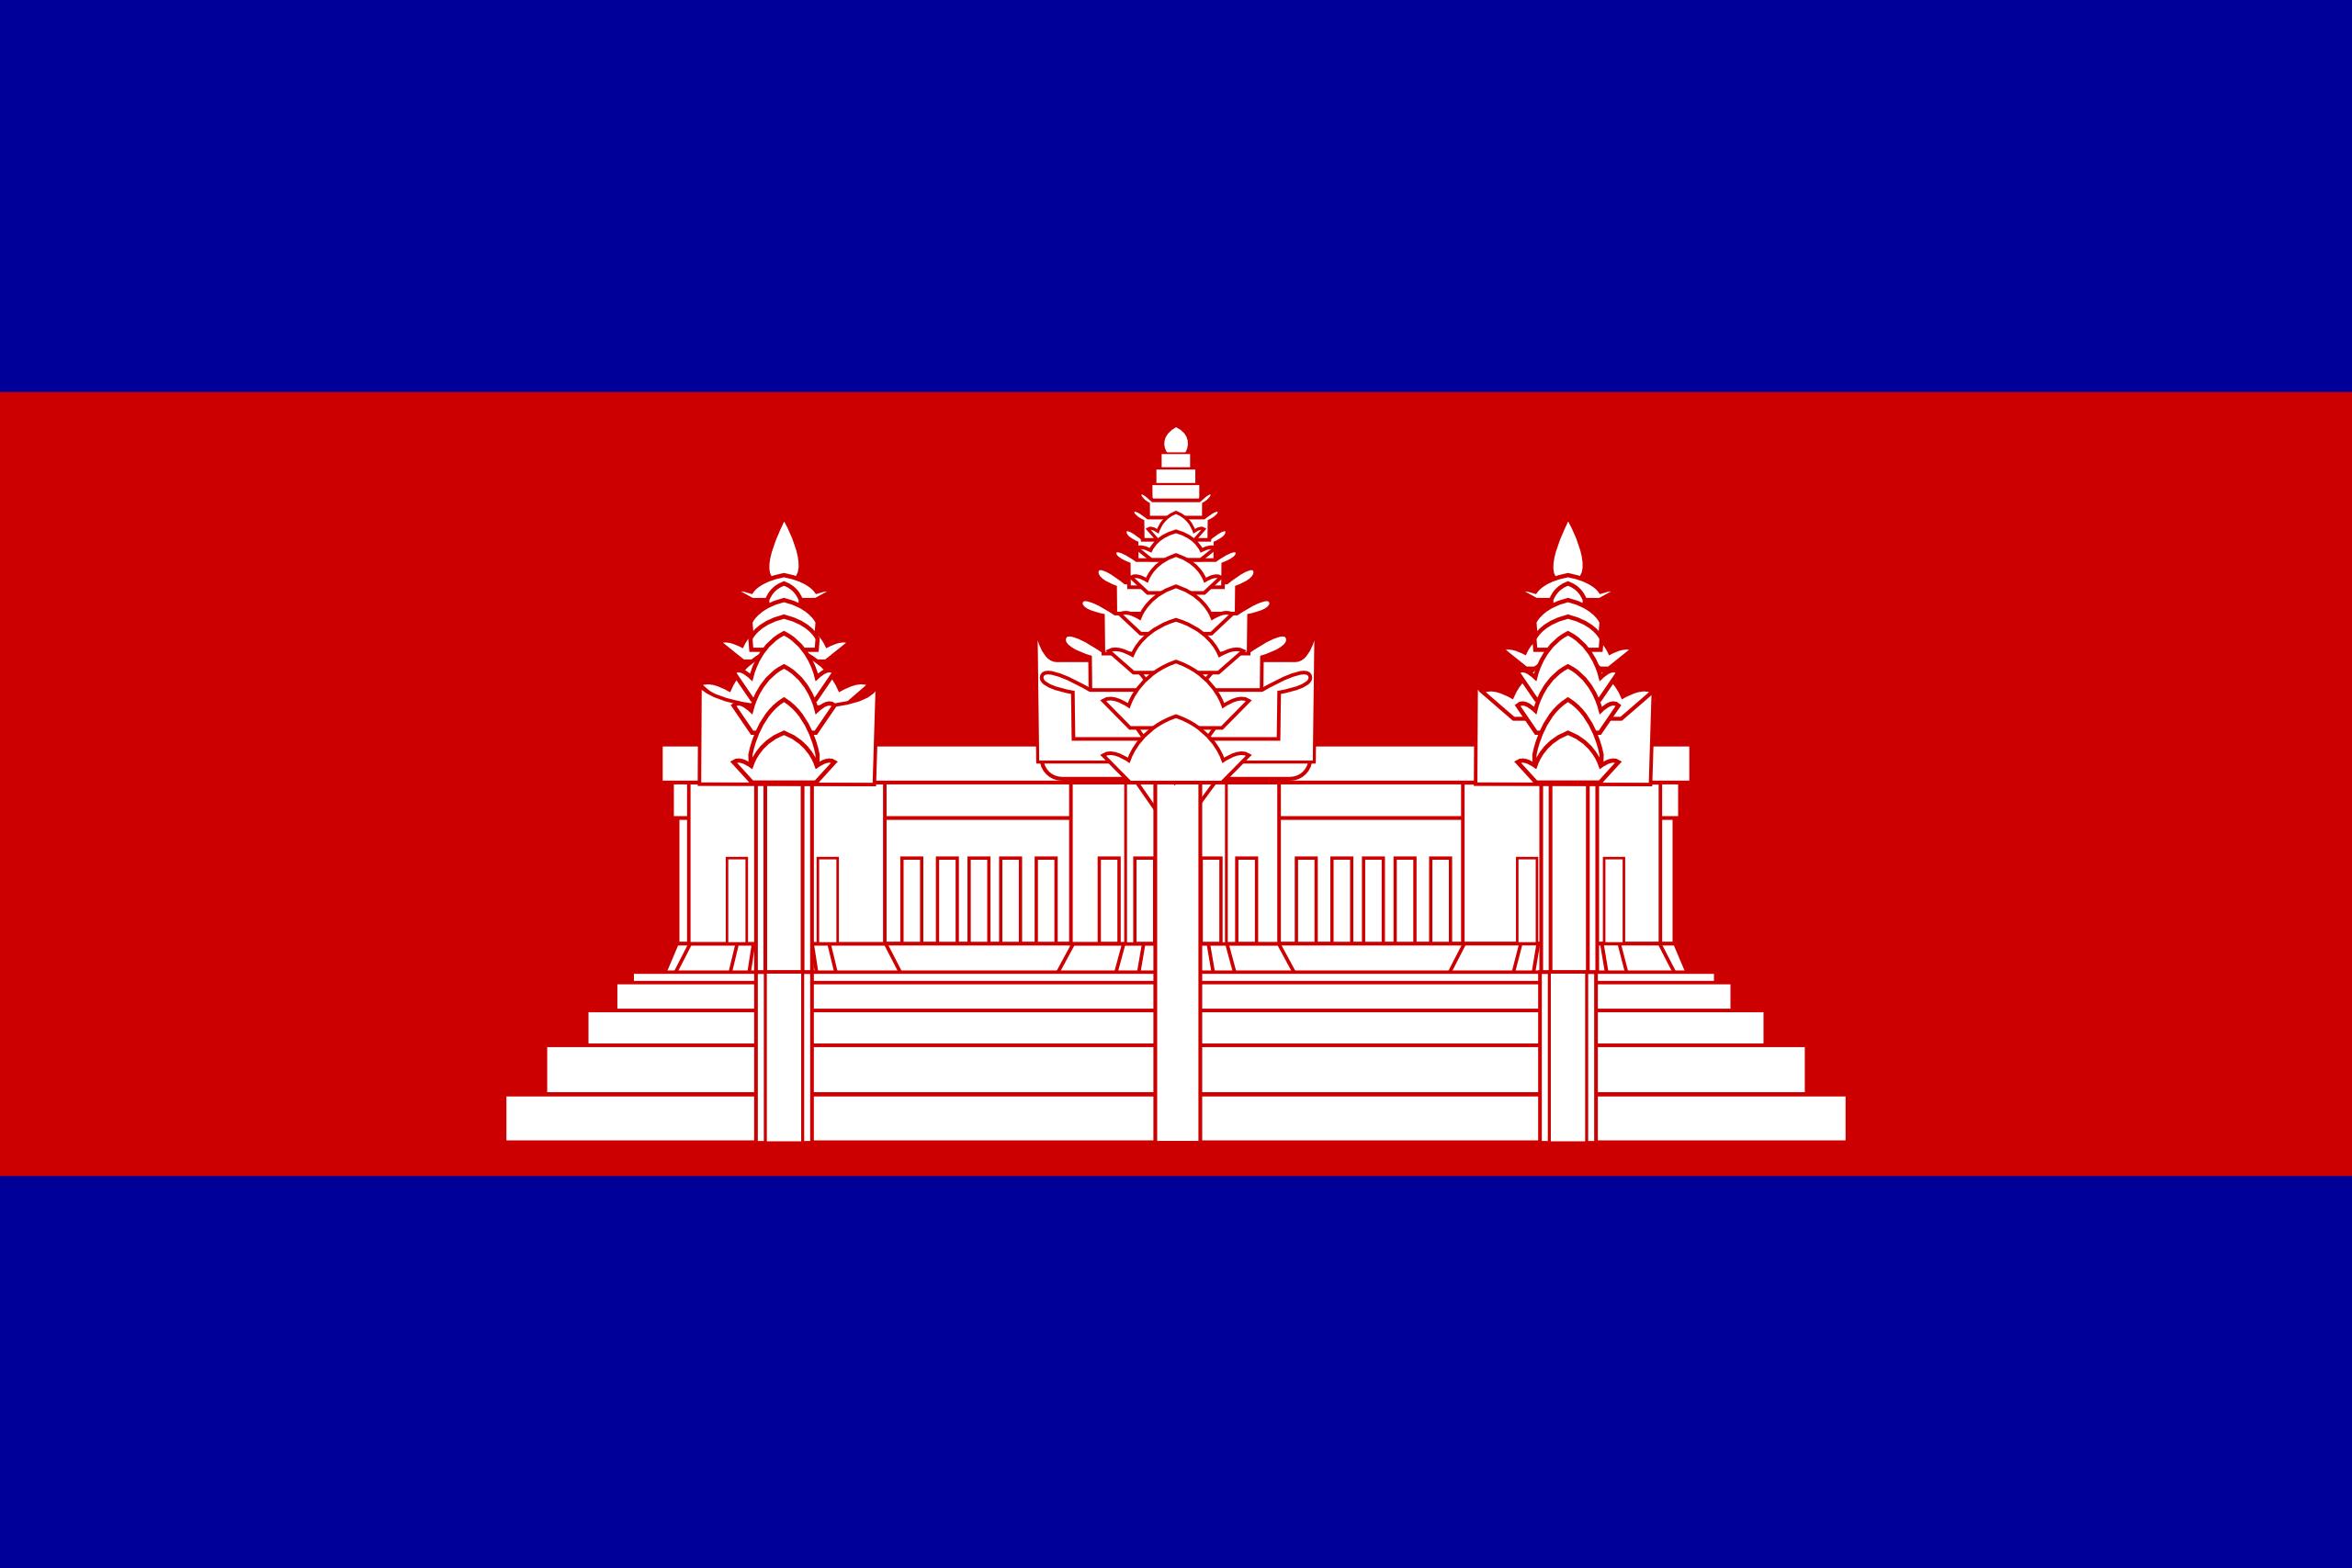 カンボジア, país, emblema, insignia, シンボル - HD の壁紙 - 教授-falken.com